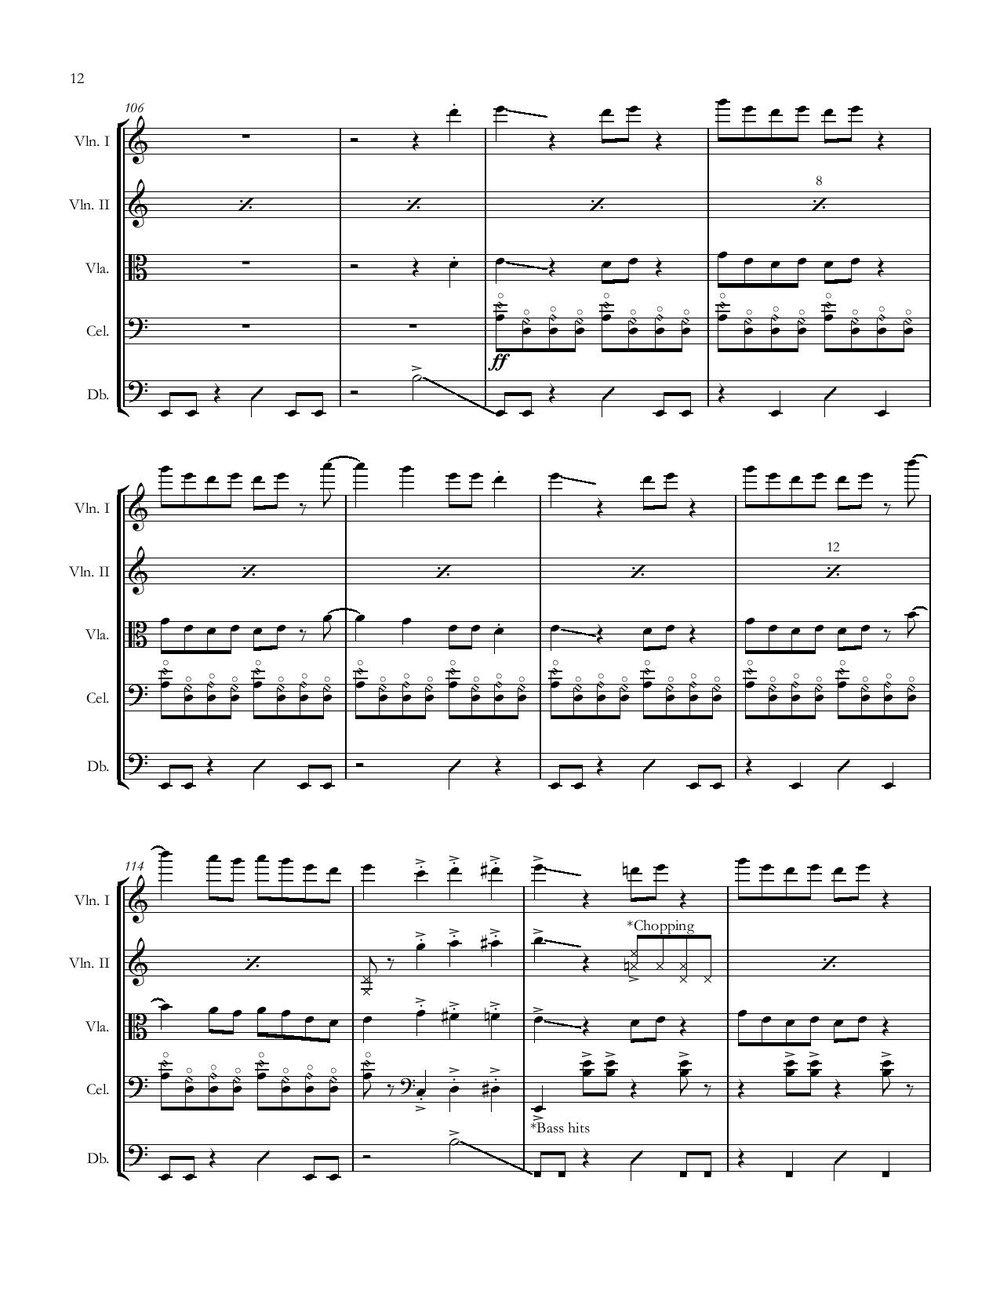 White Noise - Full Score-page-014.jpg